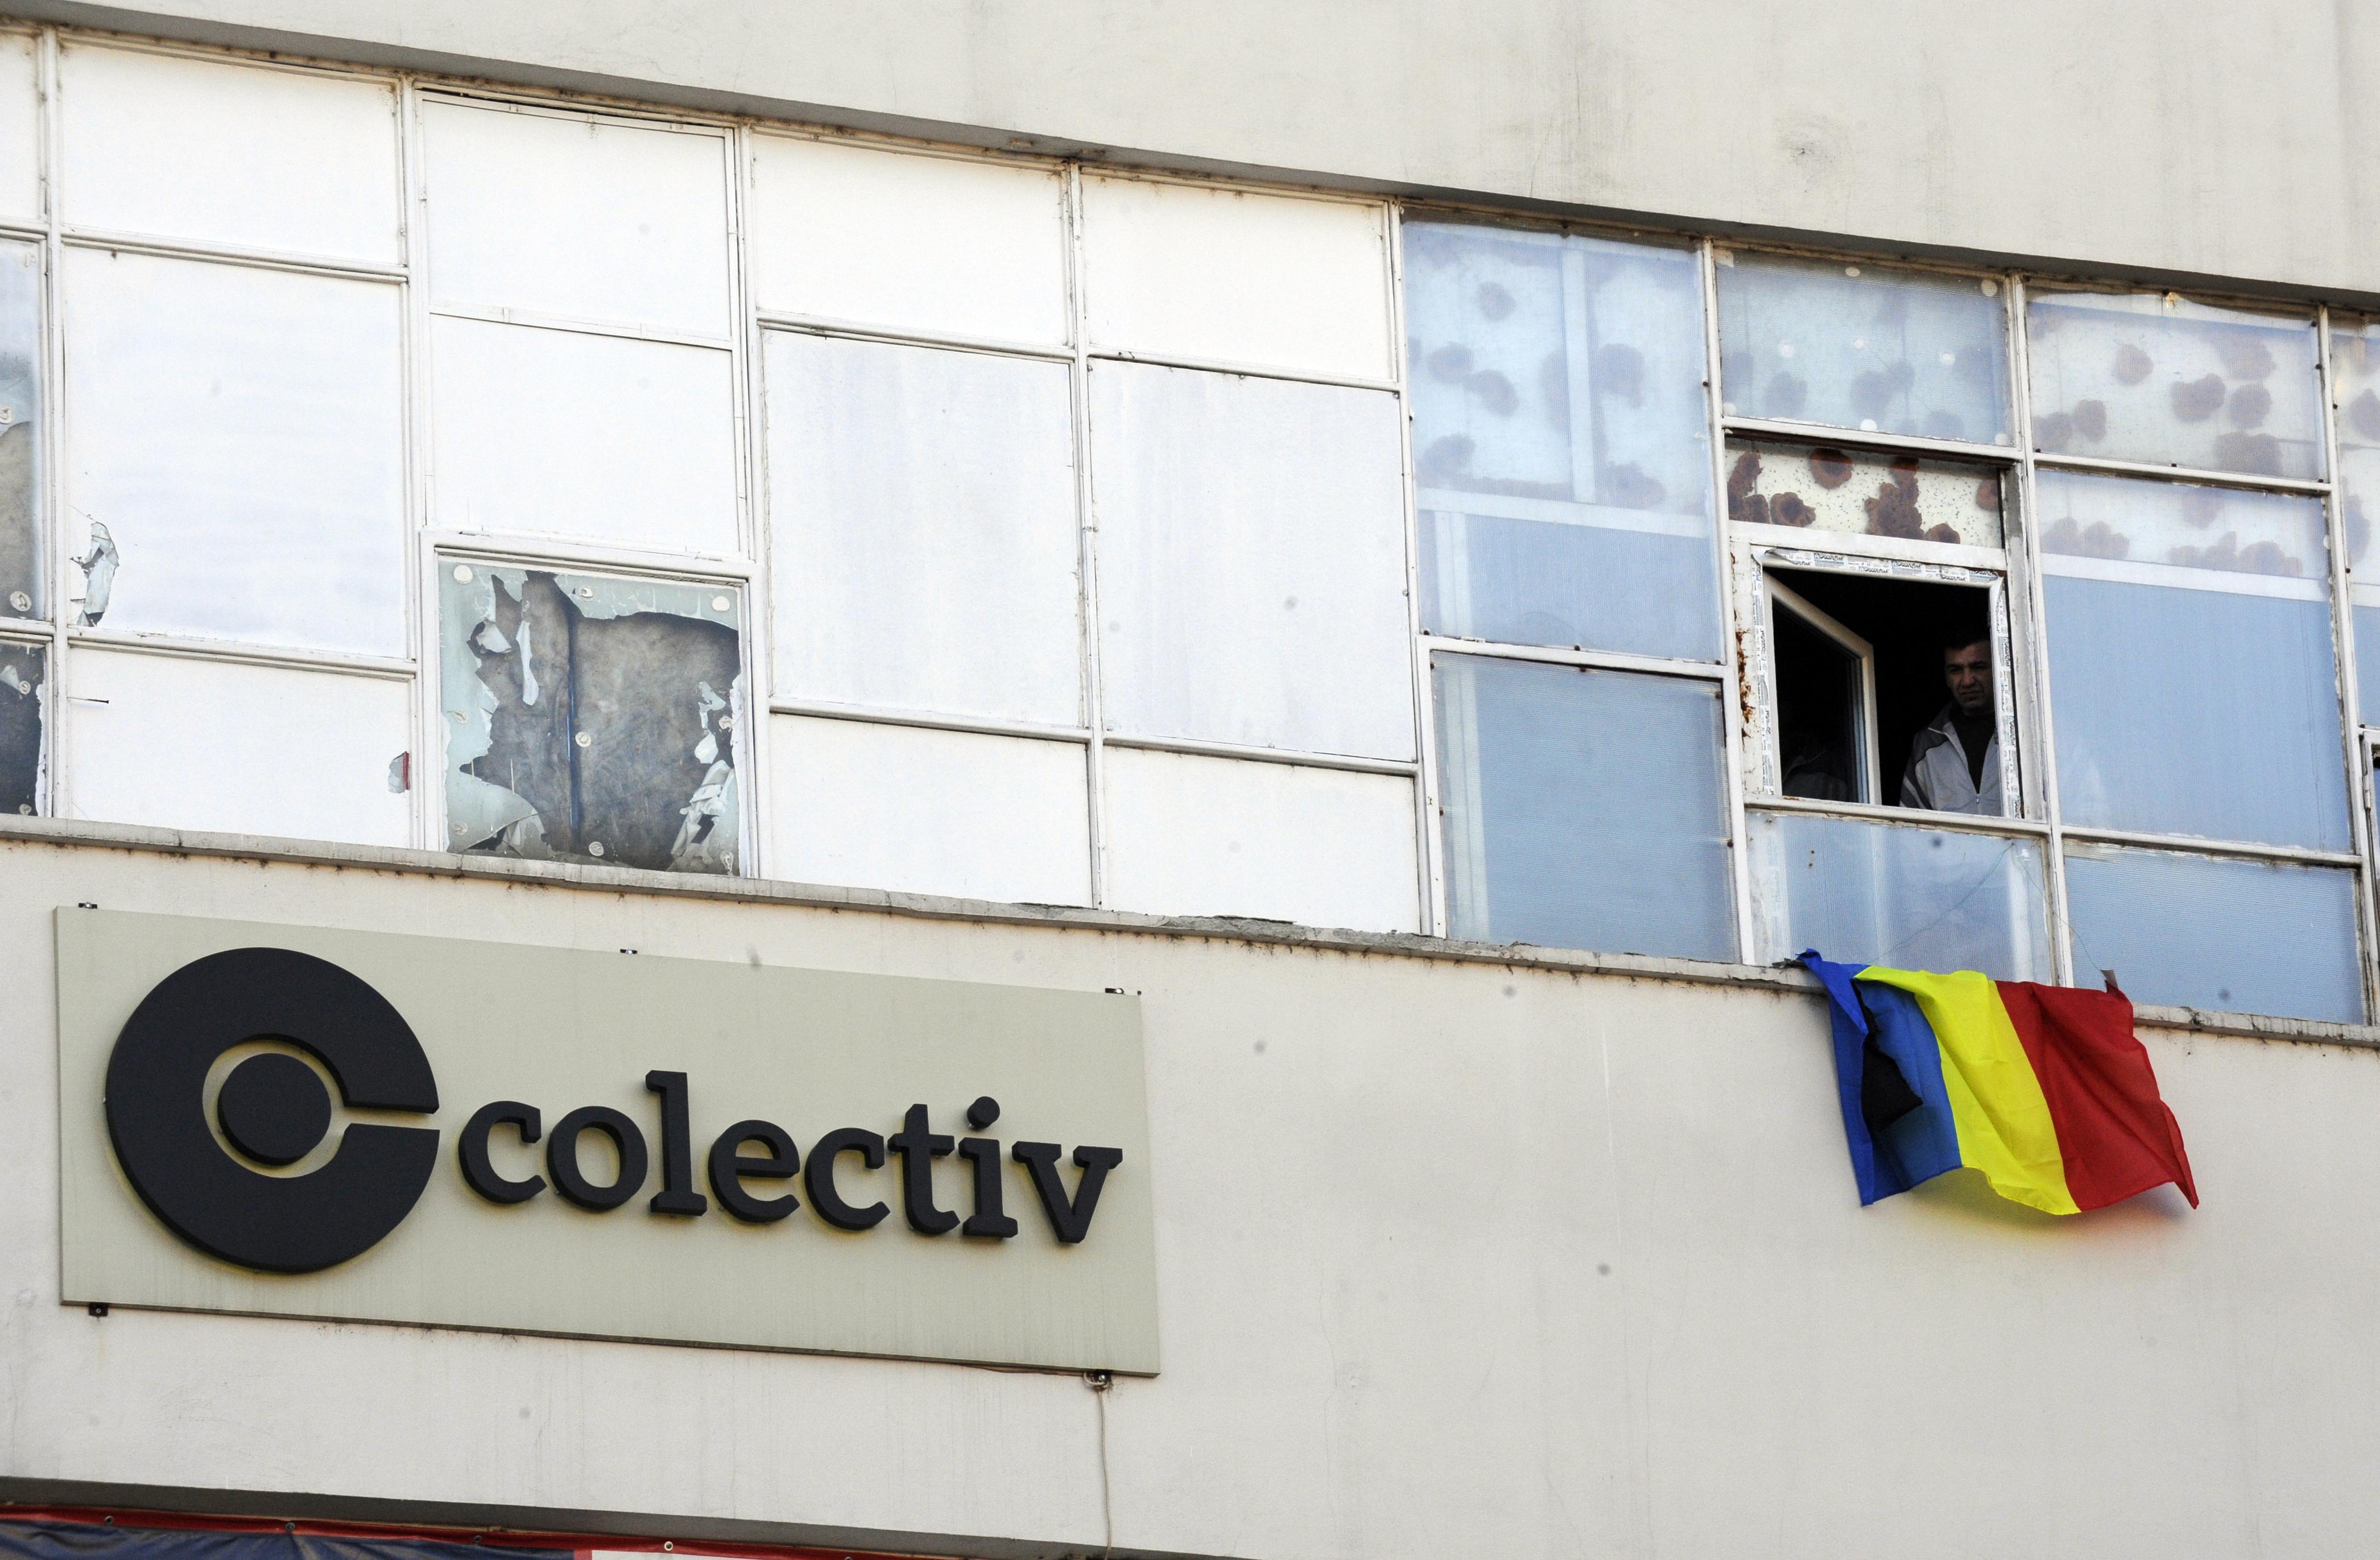 Scrisoare deschisa de la un martor al tragediei din Club Colectiv catre autoritati: